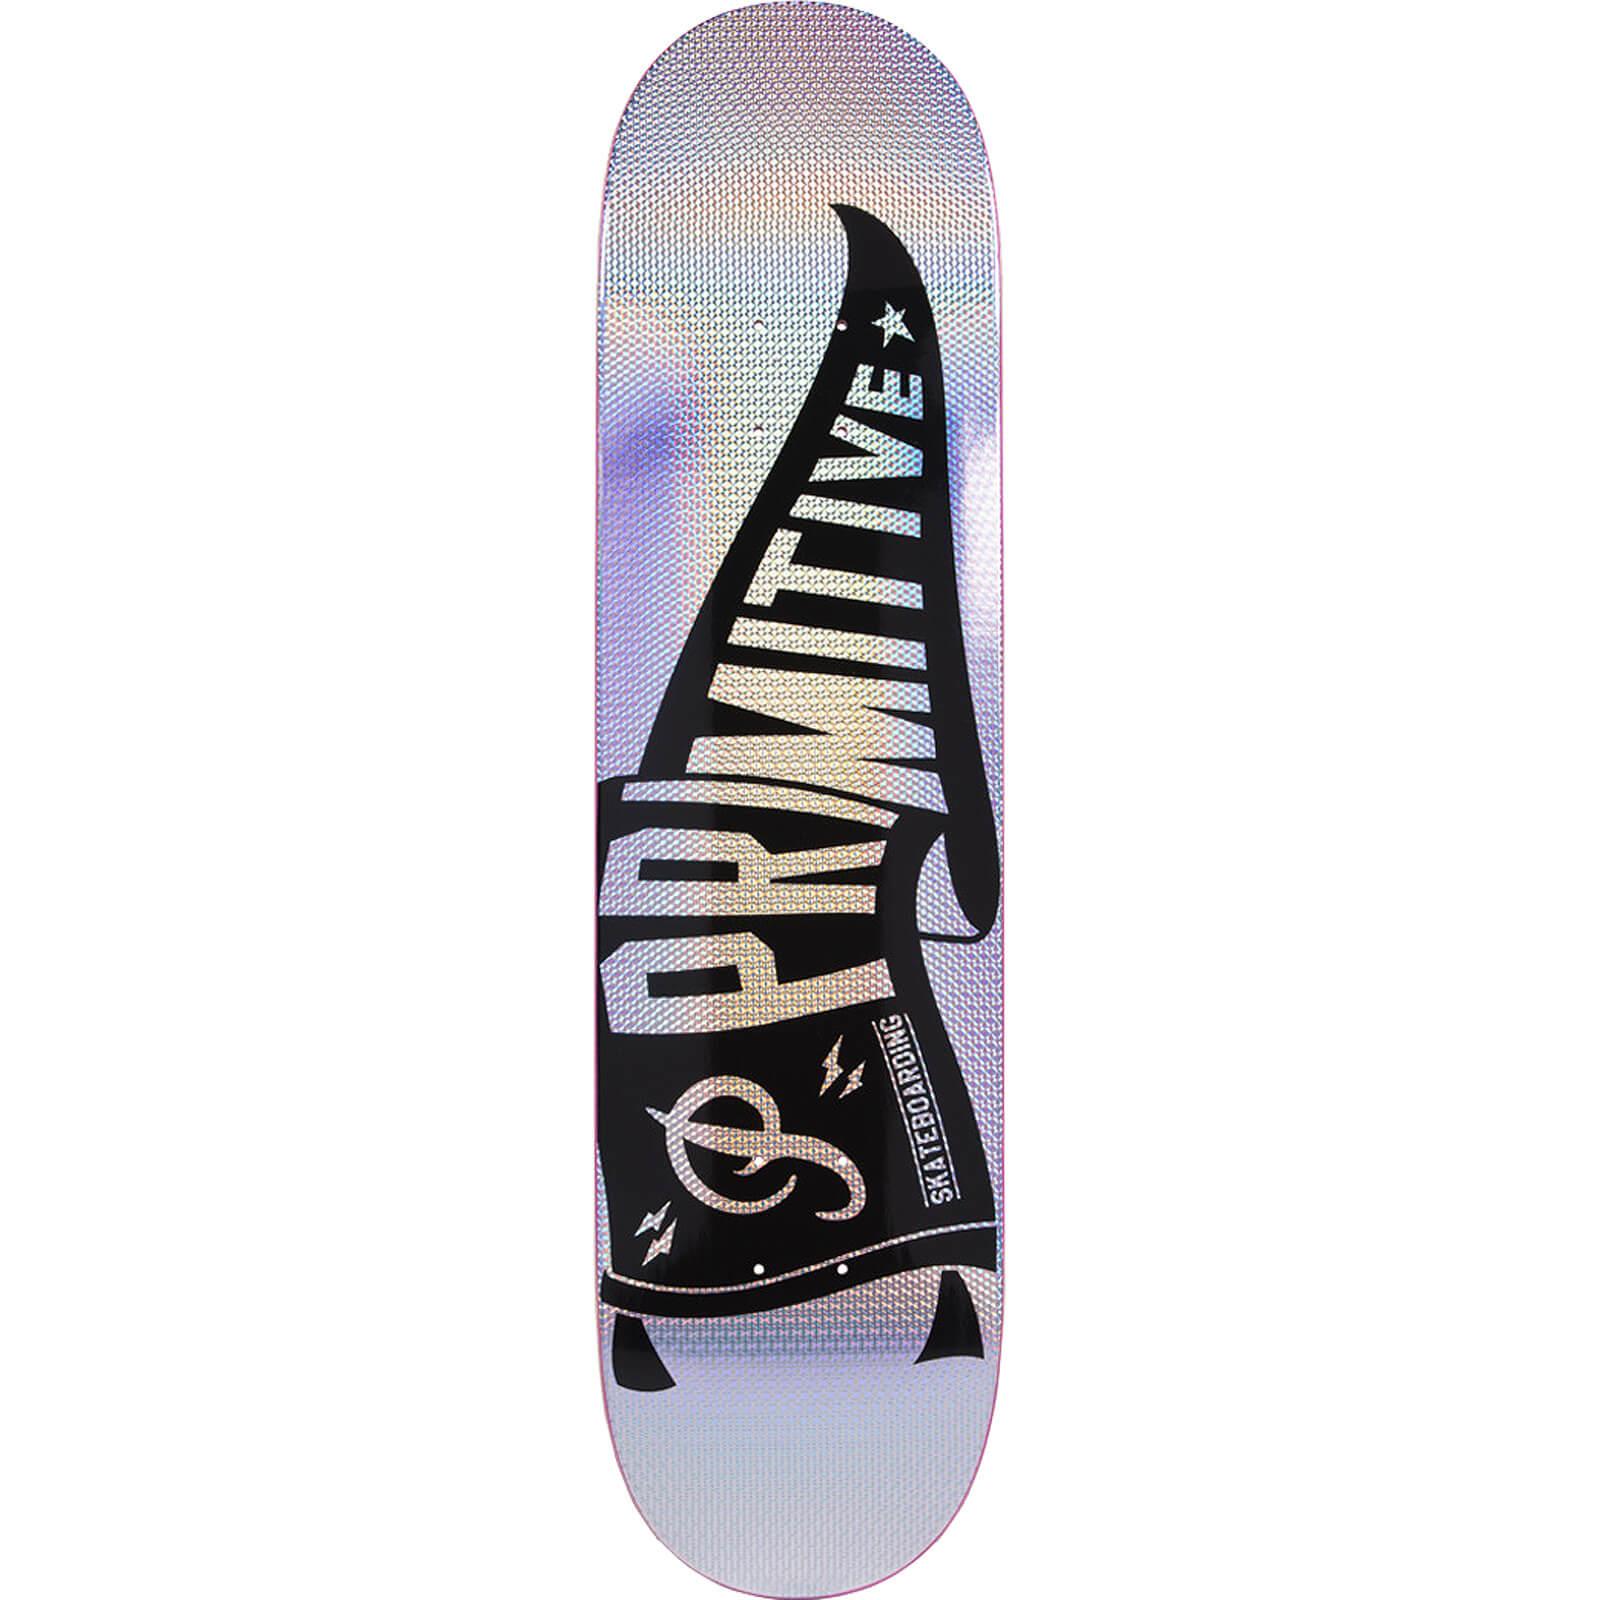 Primitive Skateboarding Pennant Prism V2 Skateboard Deck